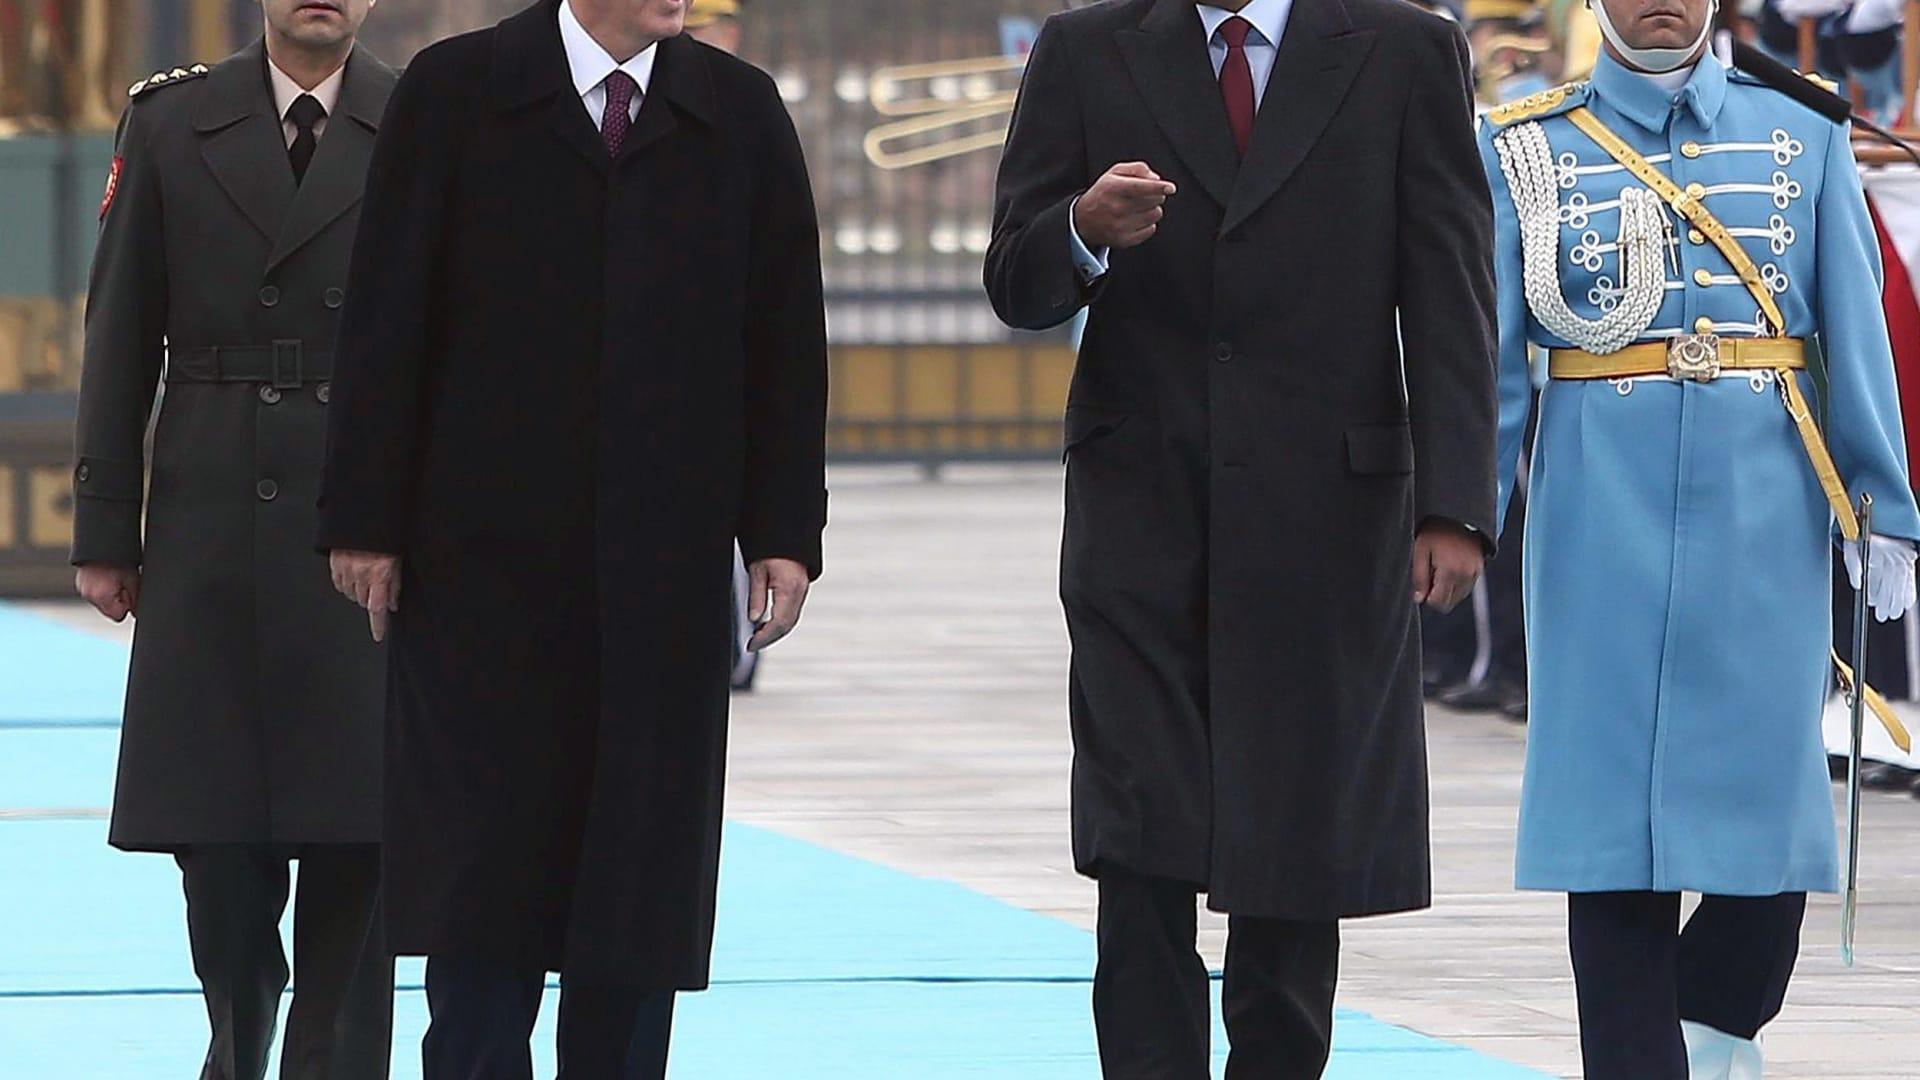 """لماذا أصبح انضمام تركيا إلى الإتحاد الأوروبي يشبه """"الحلم""""؟"""